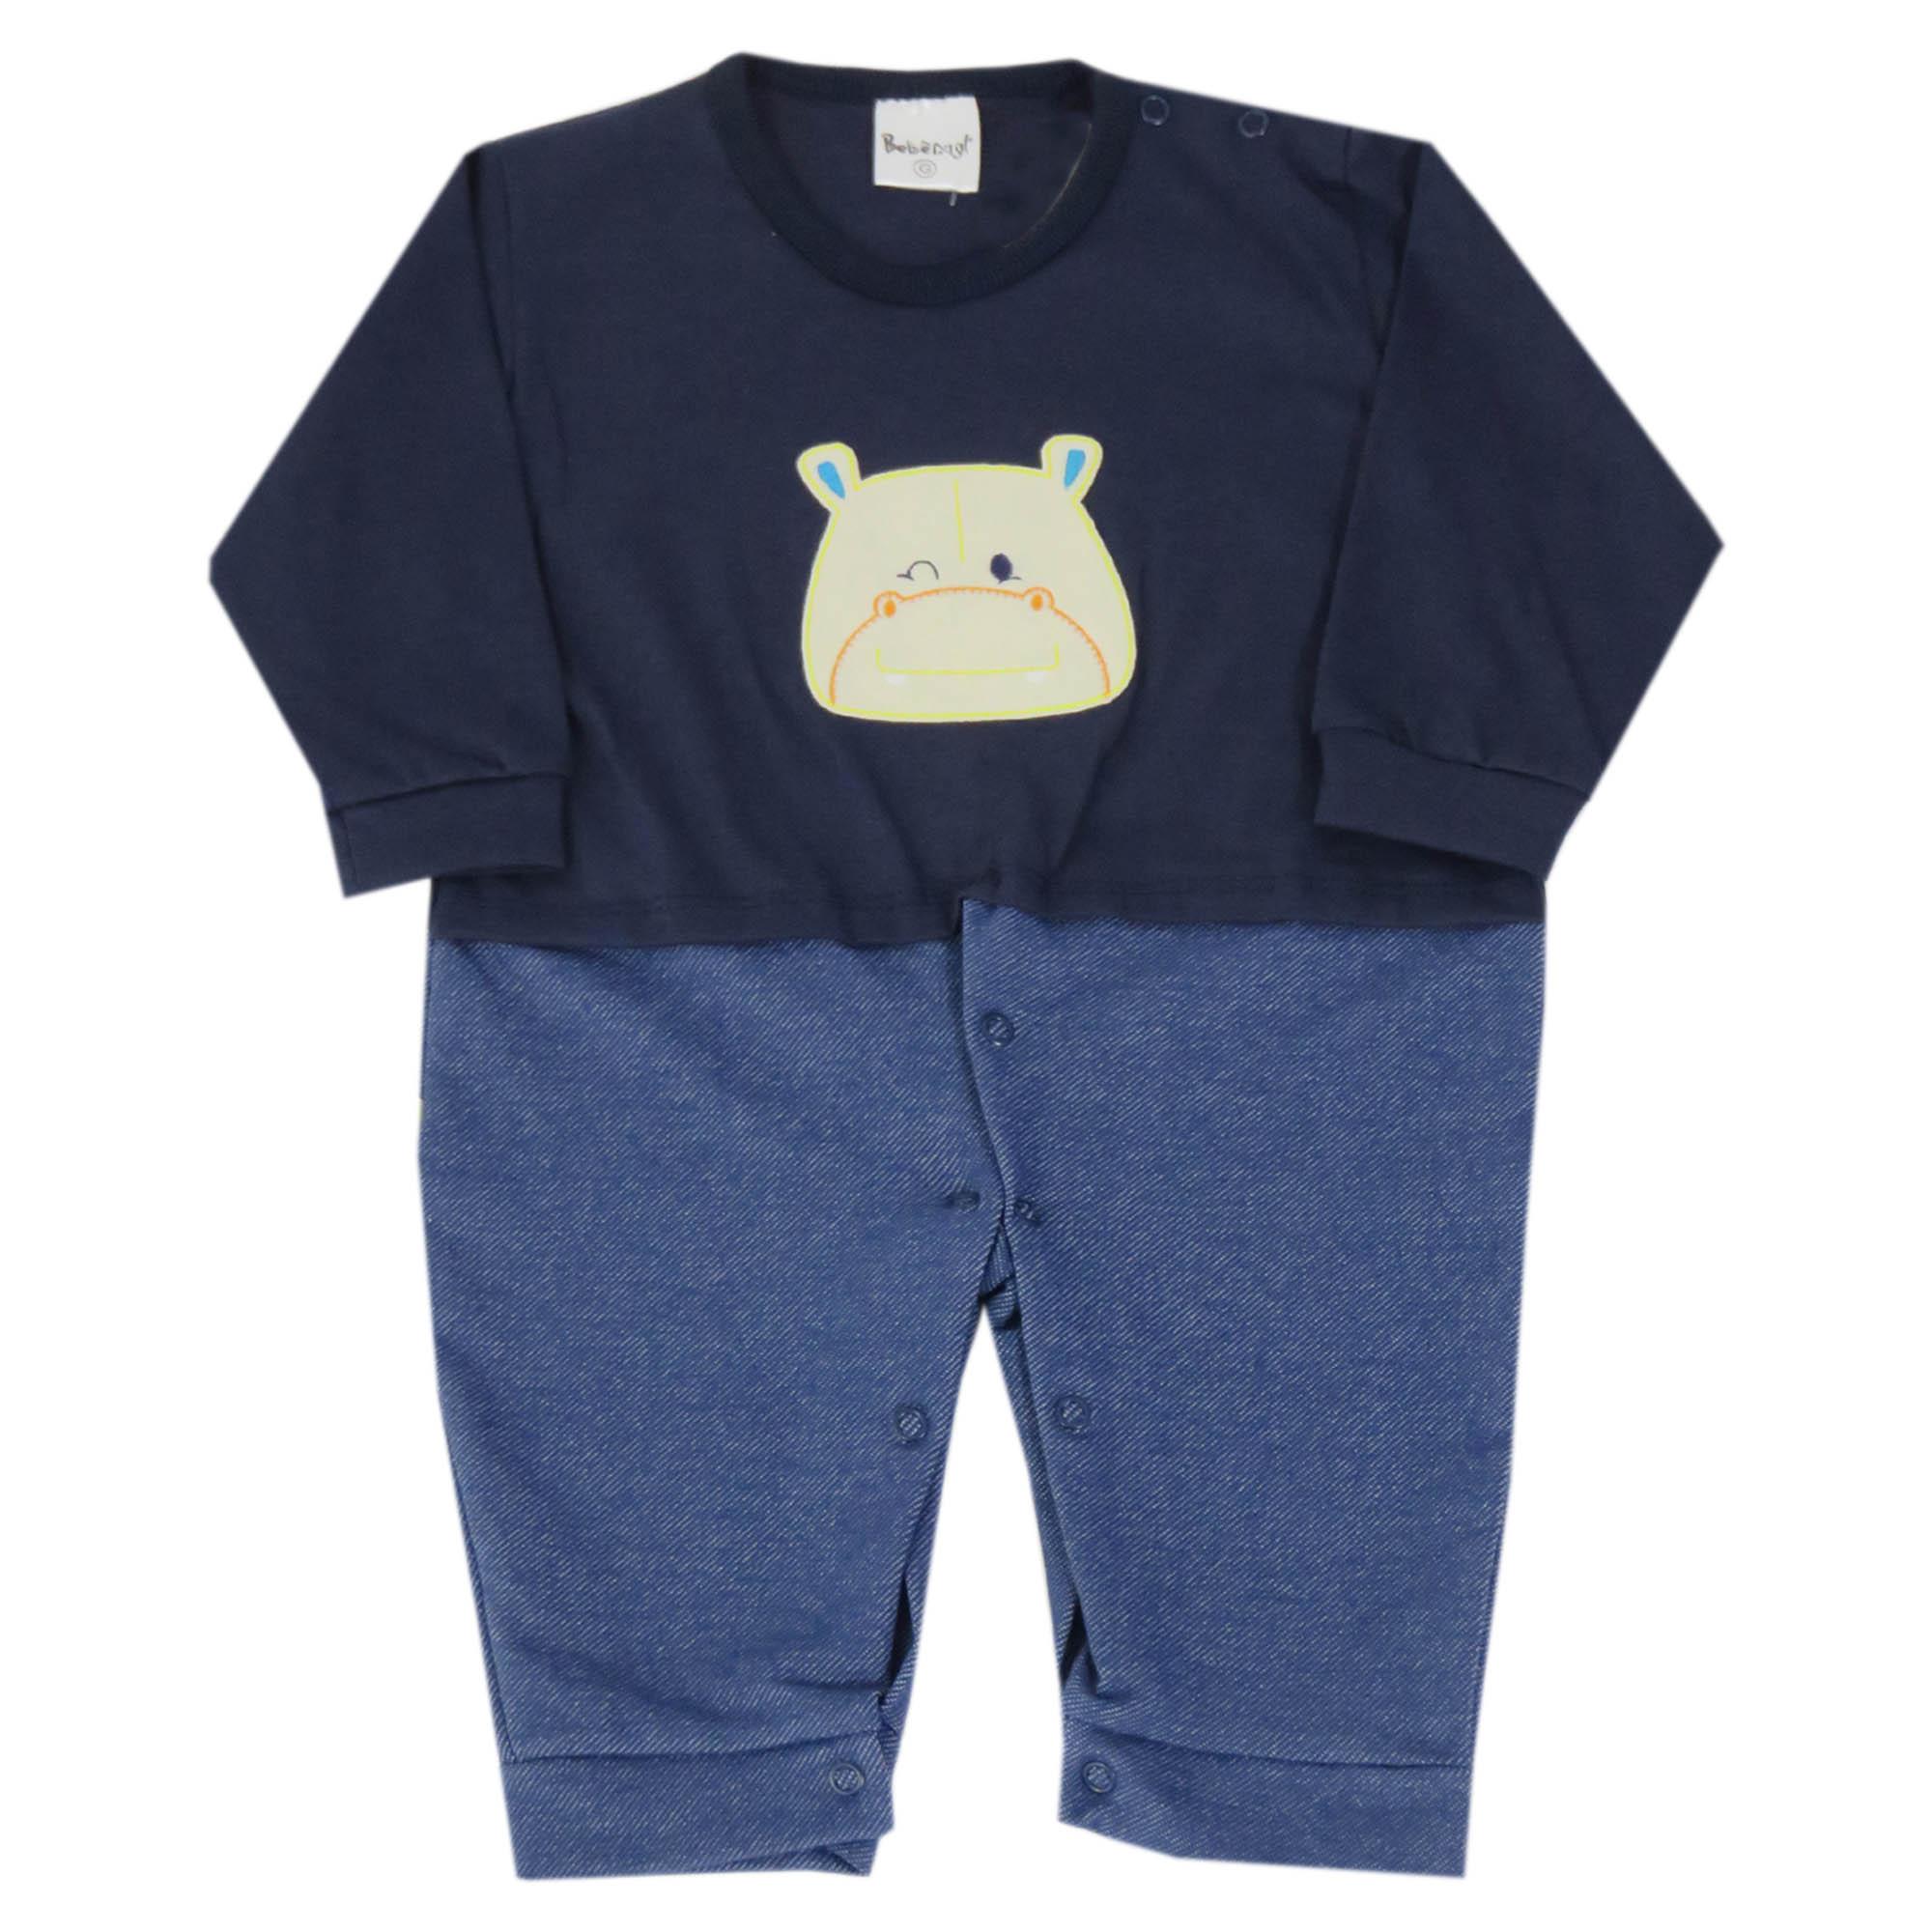 Macacão Inverno Bebênyl Jeans Sem Pé - Bichinhos - RN ao G